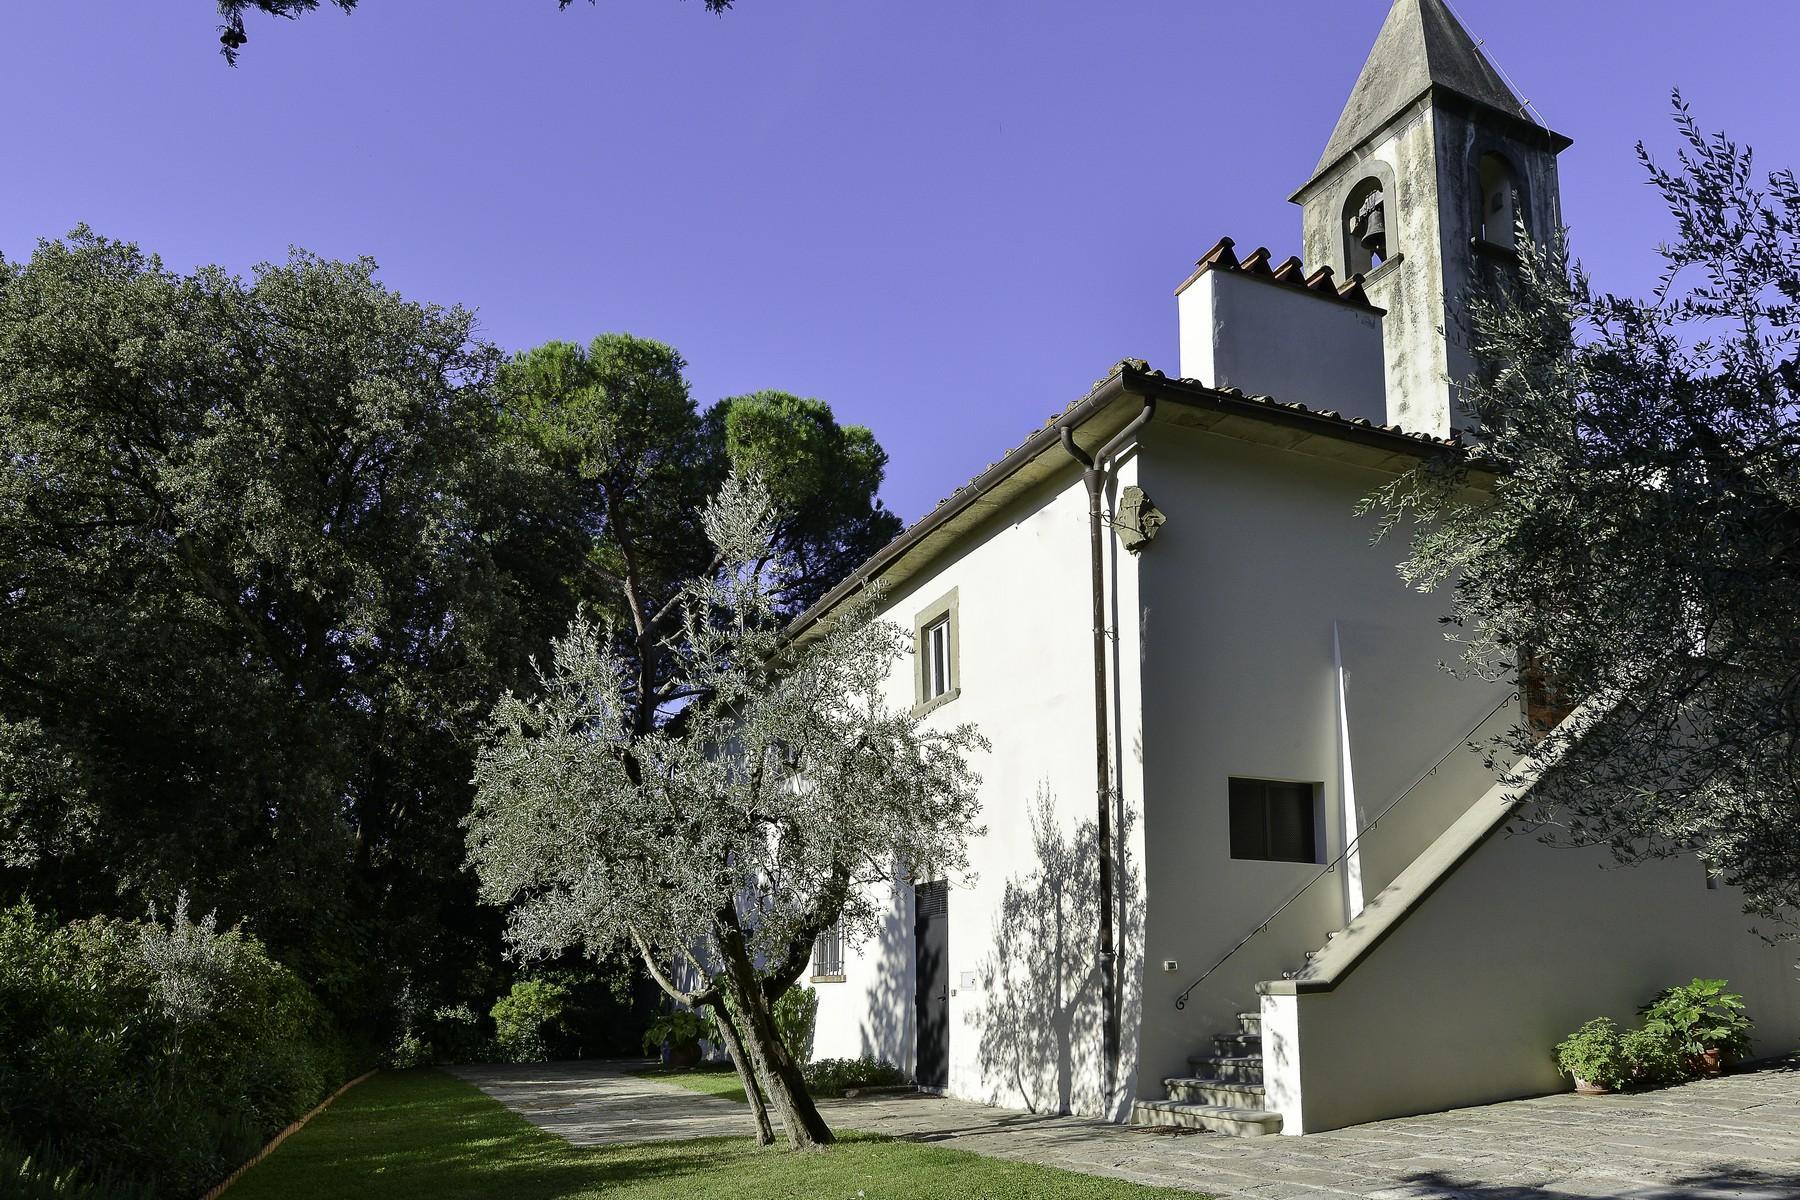 Wunderschöne Renaissance-Villa auf den Hügeln von Florenz - 2